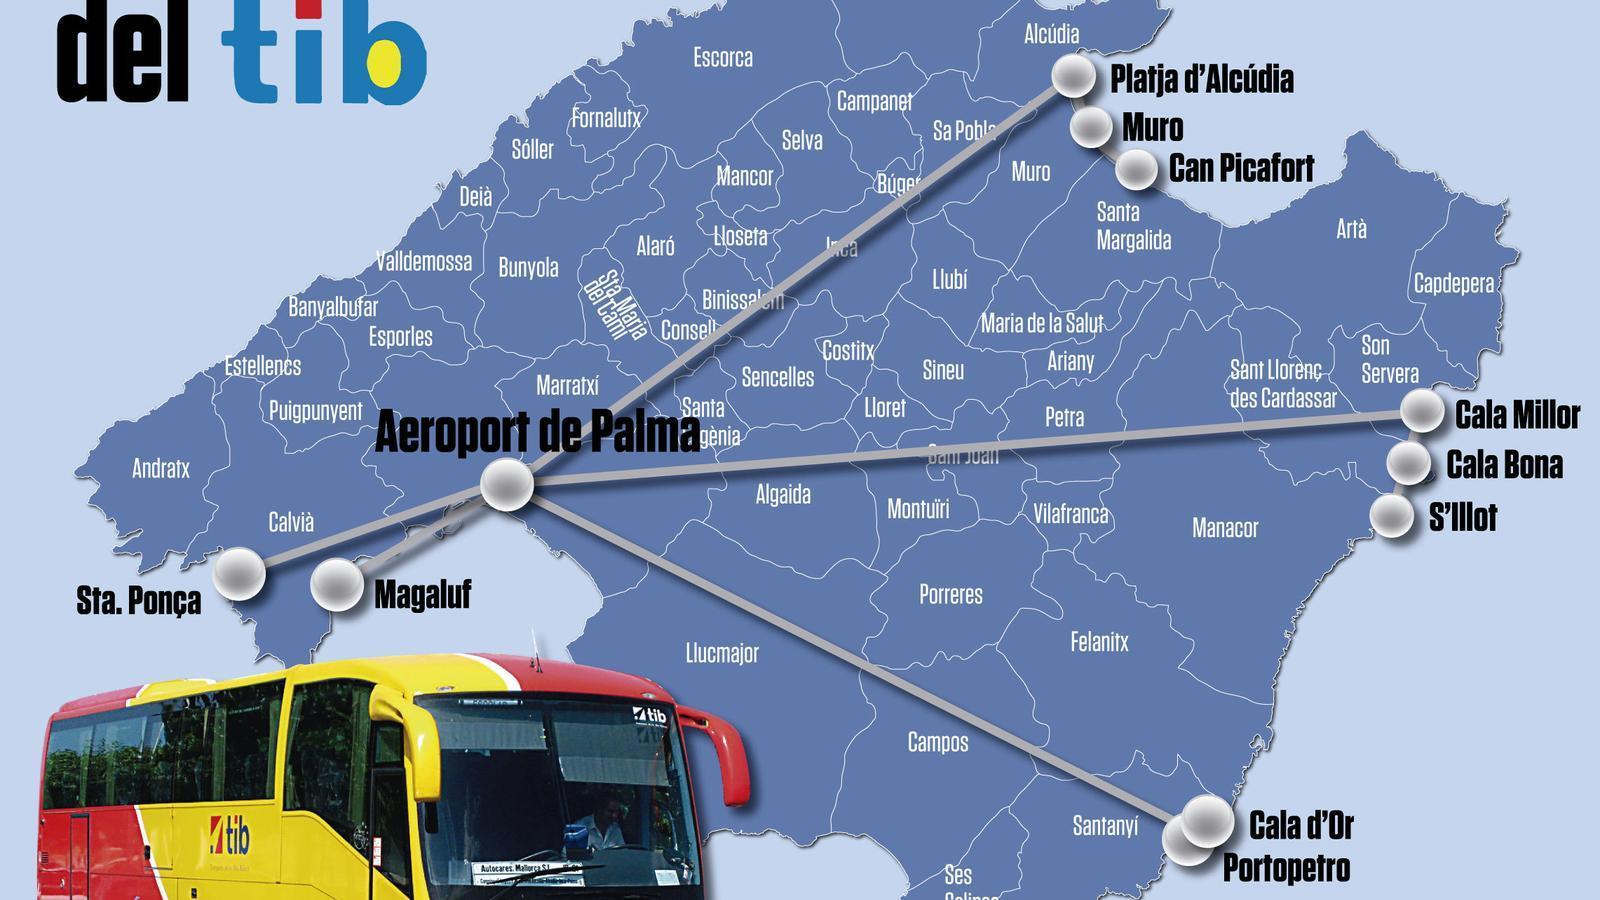 Cinc línies de busos públics connectaran l'aeroport de Palma amb les principals zones turístiques